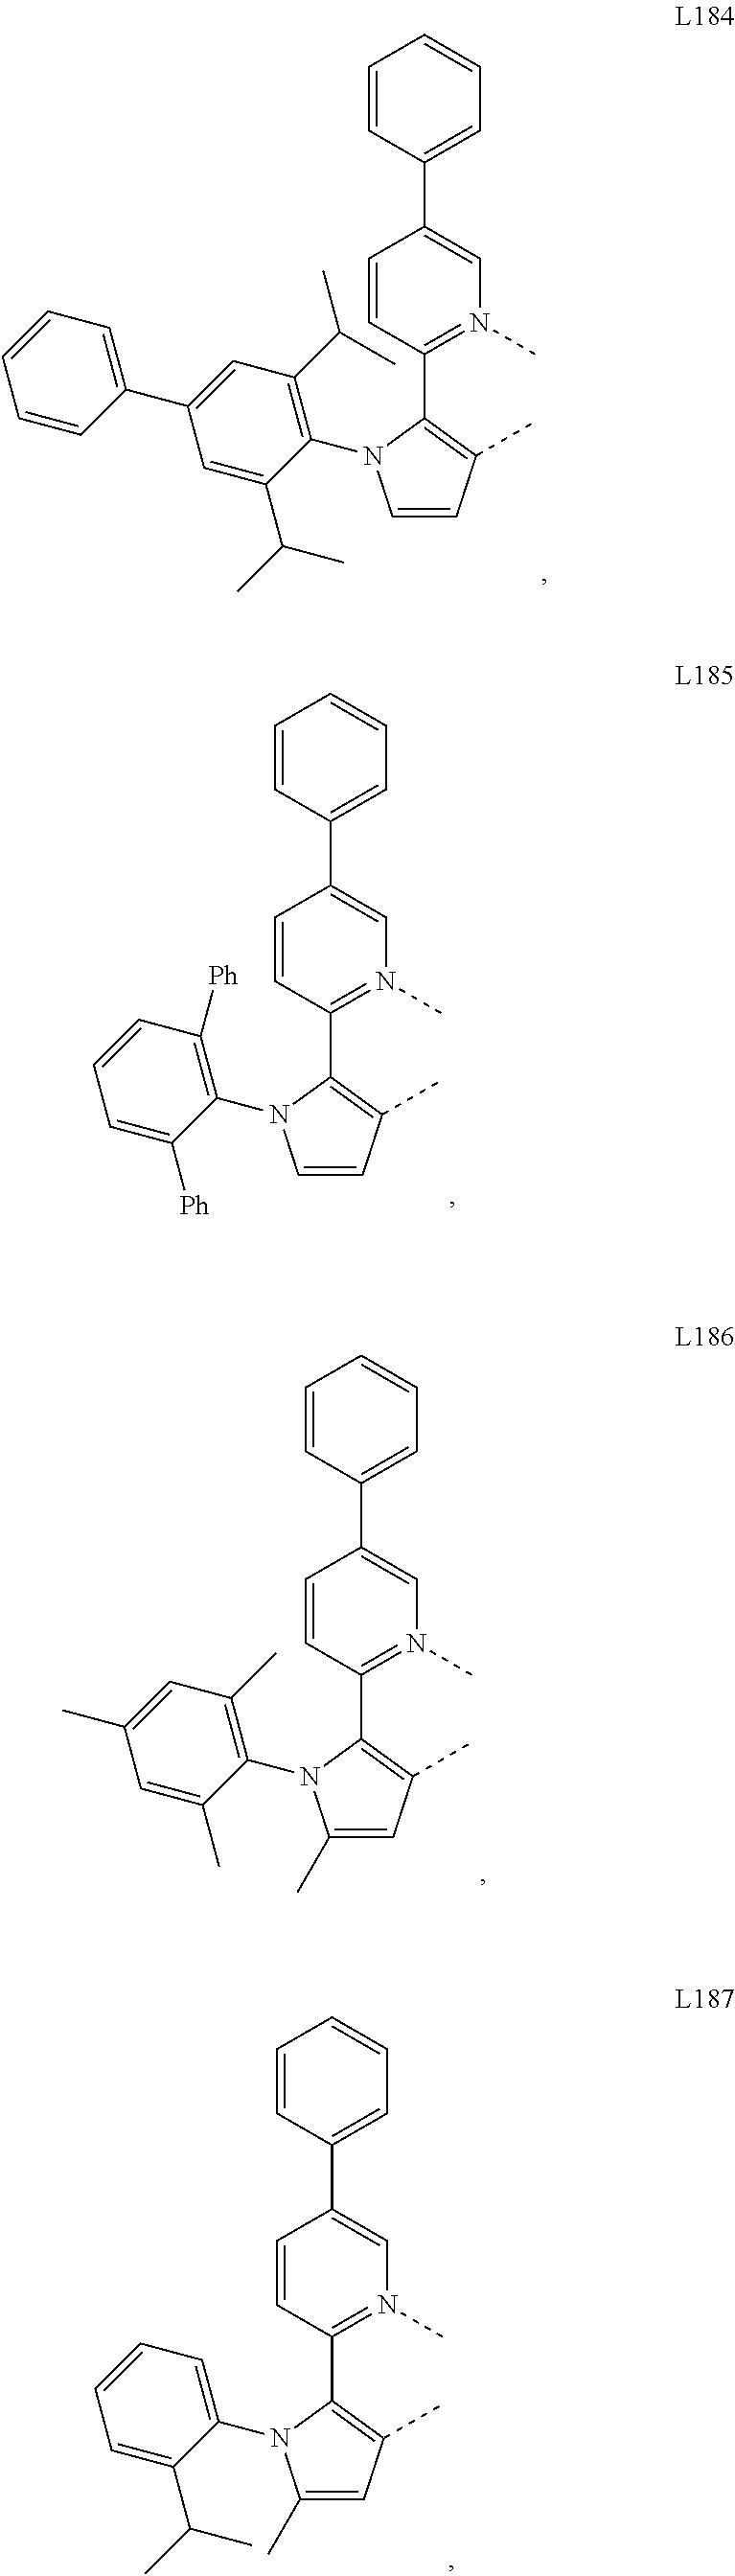 Figure US09935277-20180403-C00042